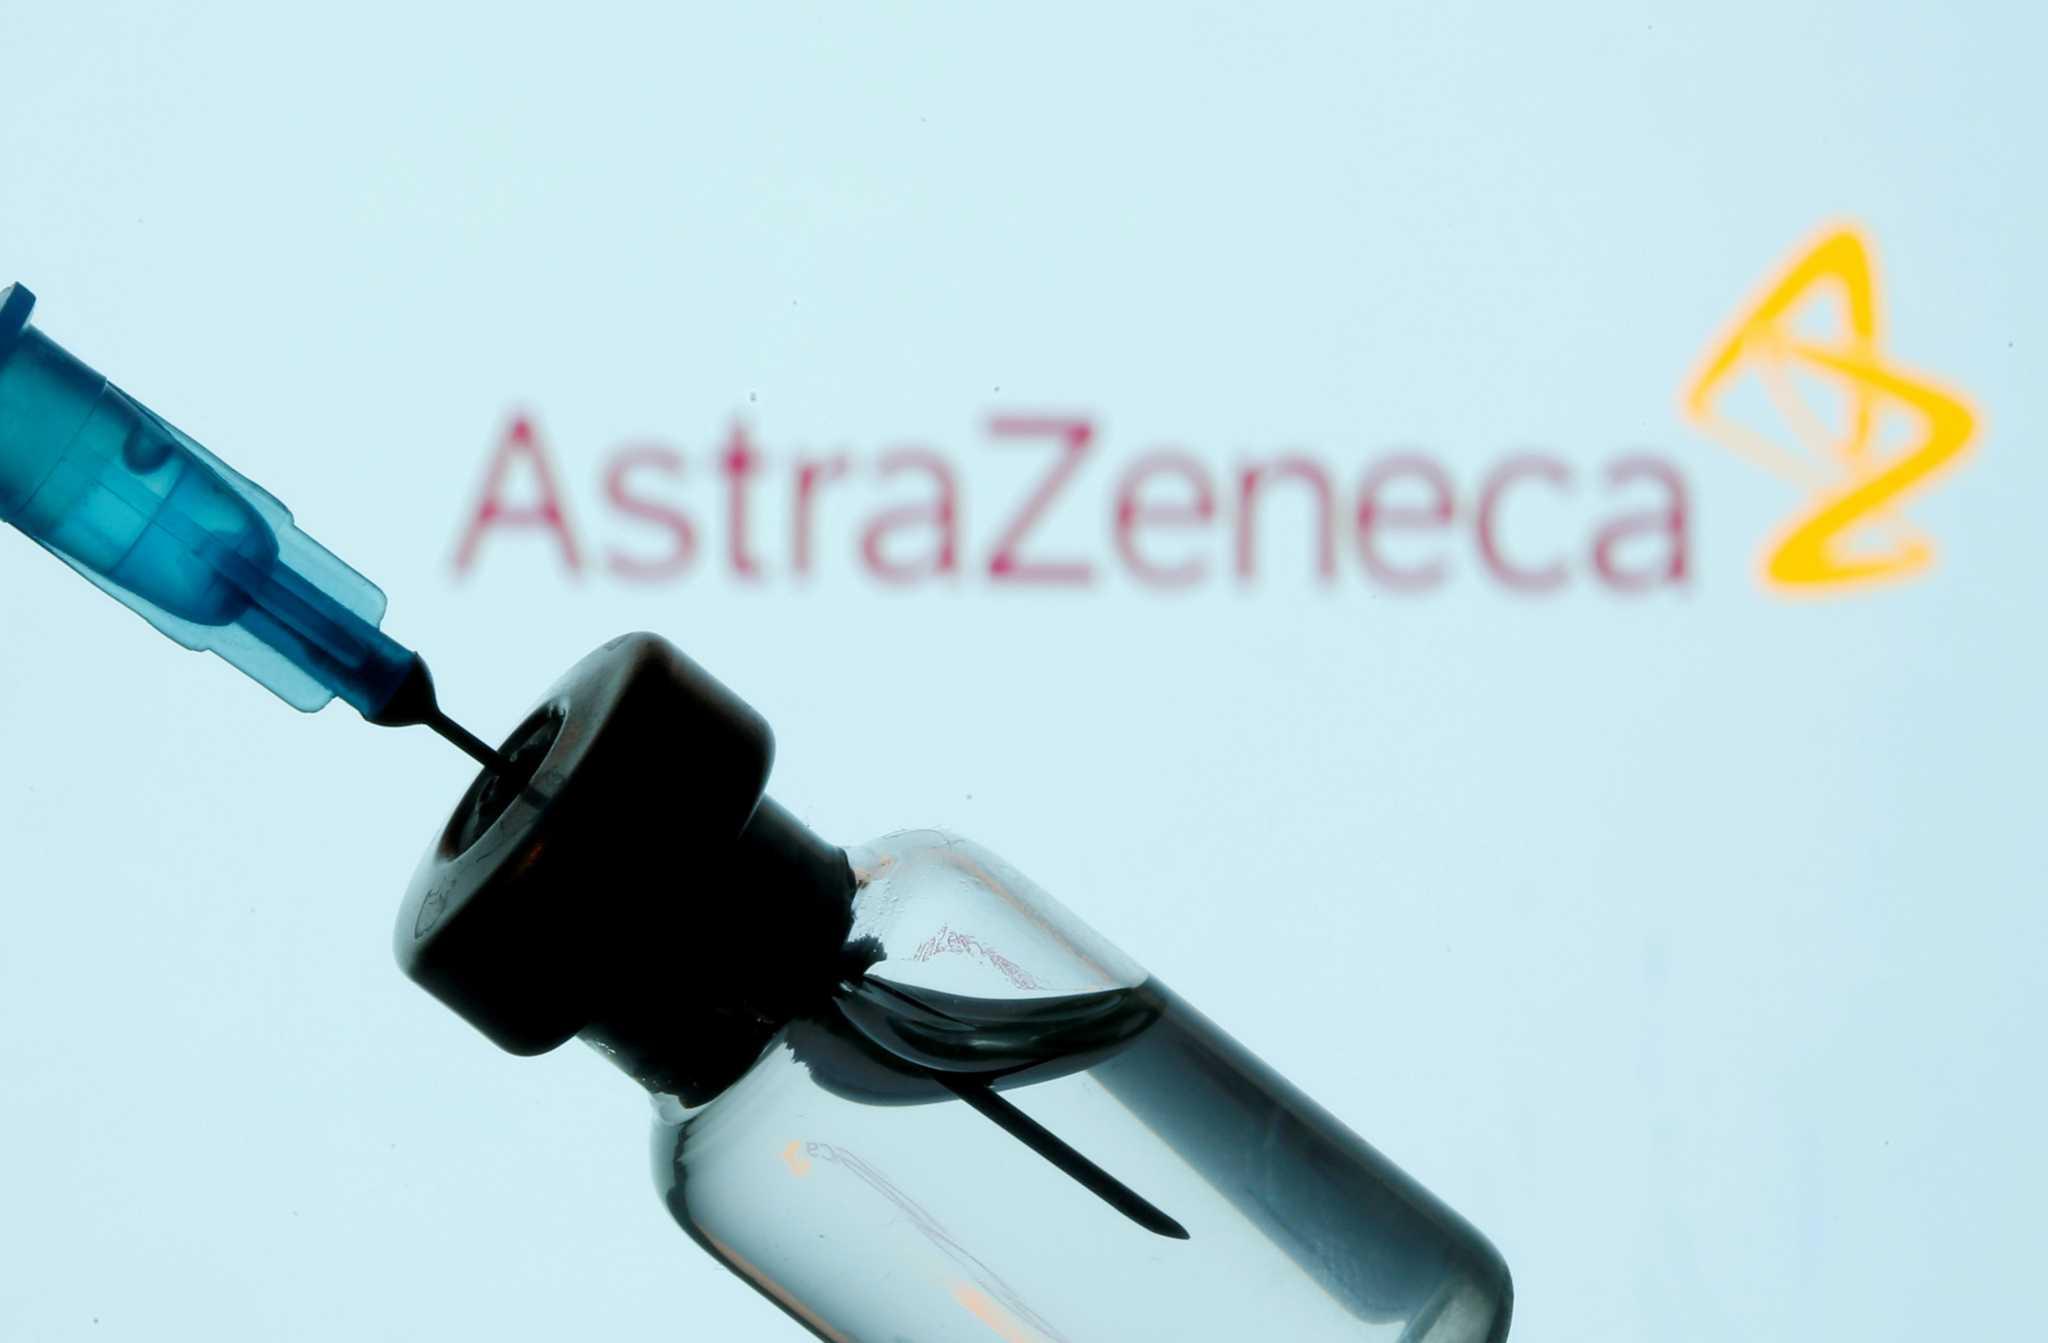 Εμβόλιο AstraZeneca: «Πάγωσε» η χορήγηση και στην Ταϊλάνδη